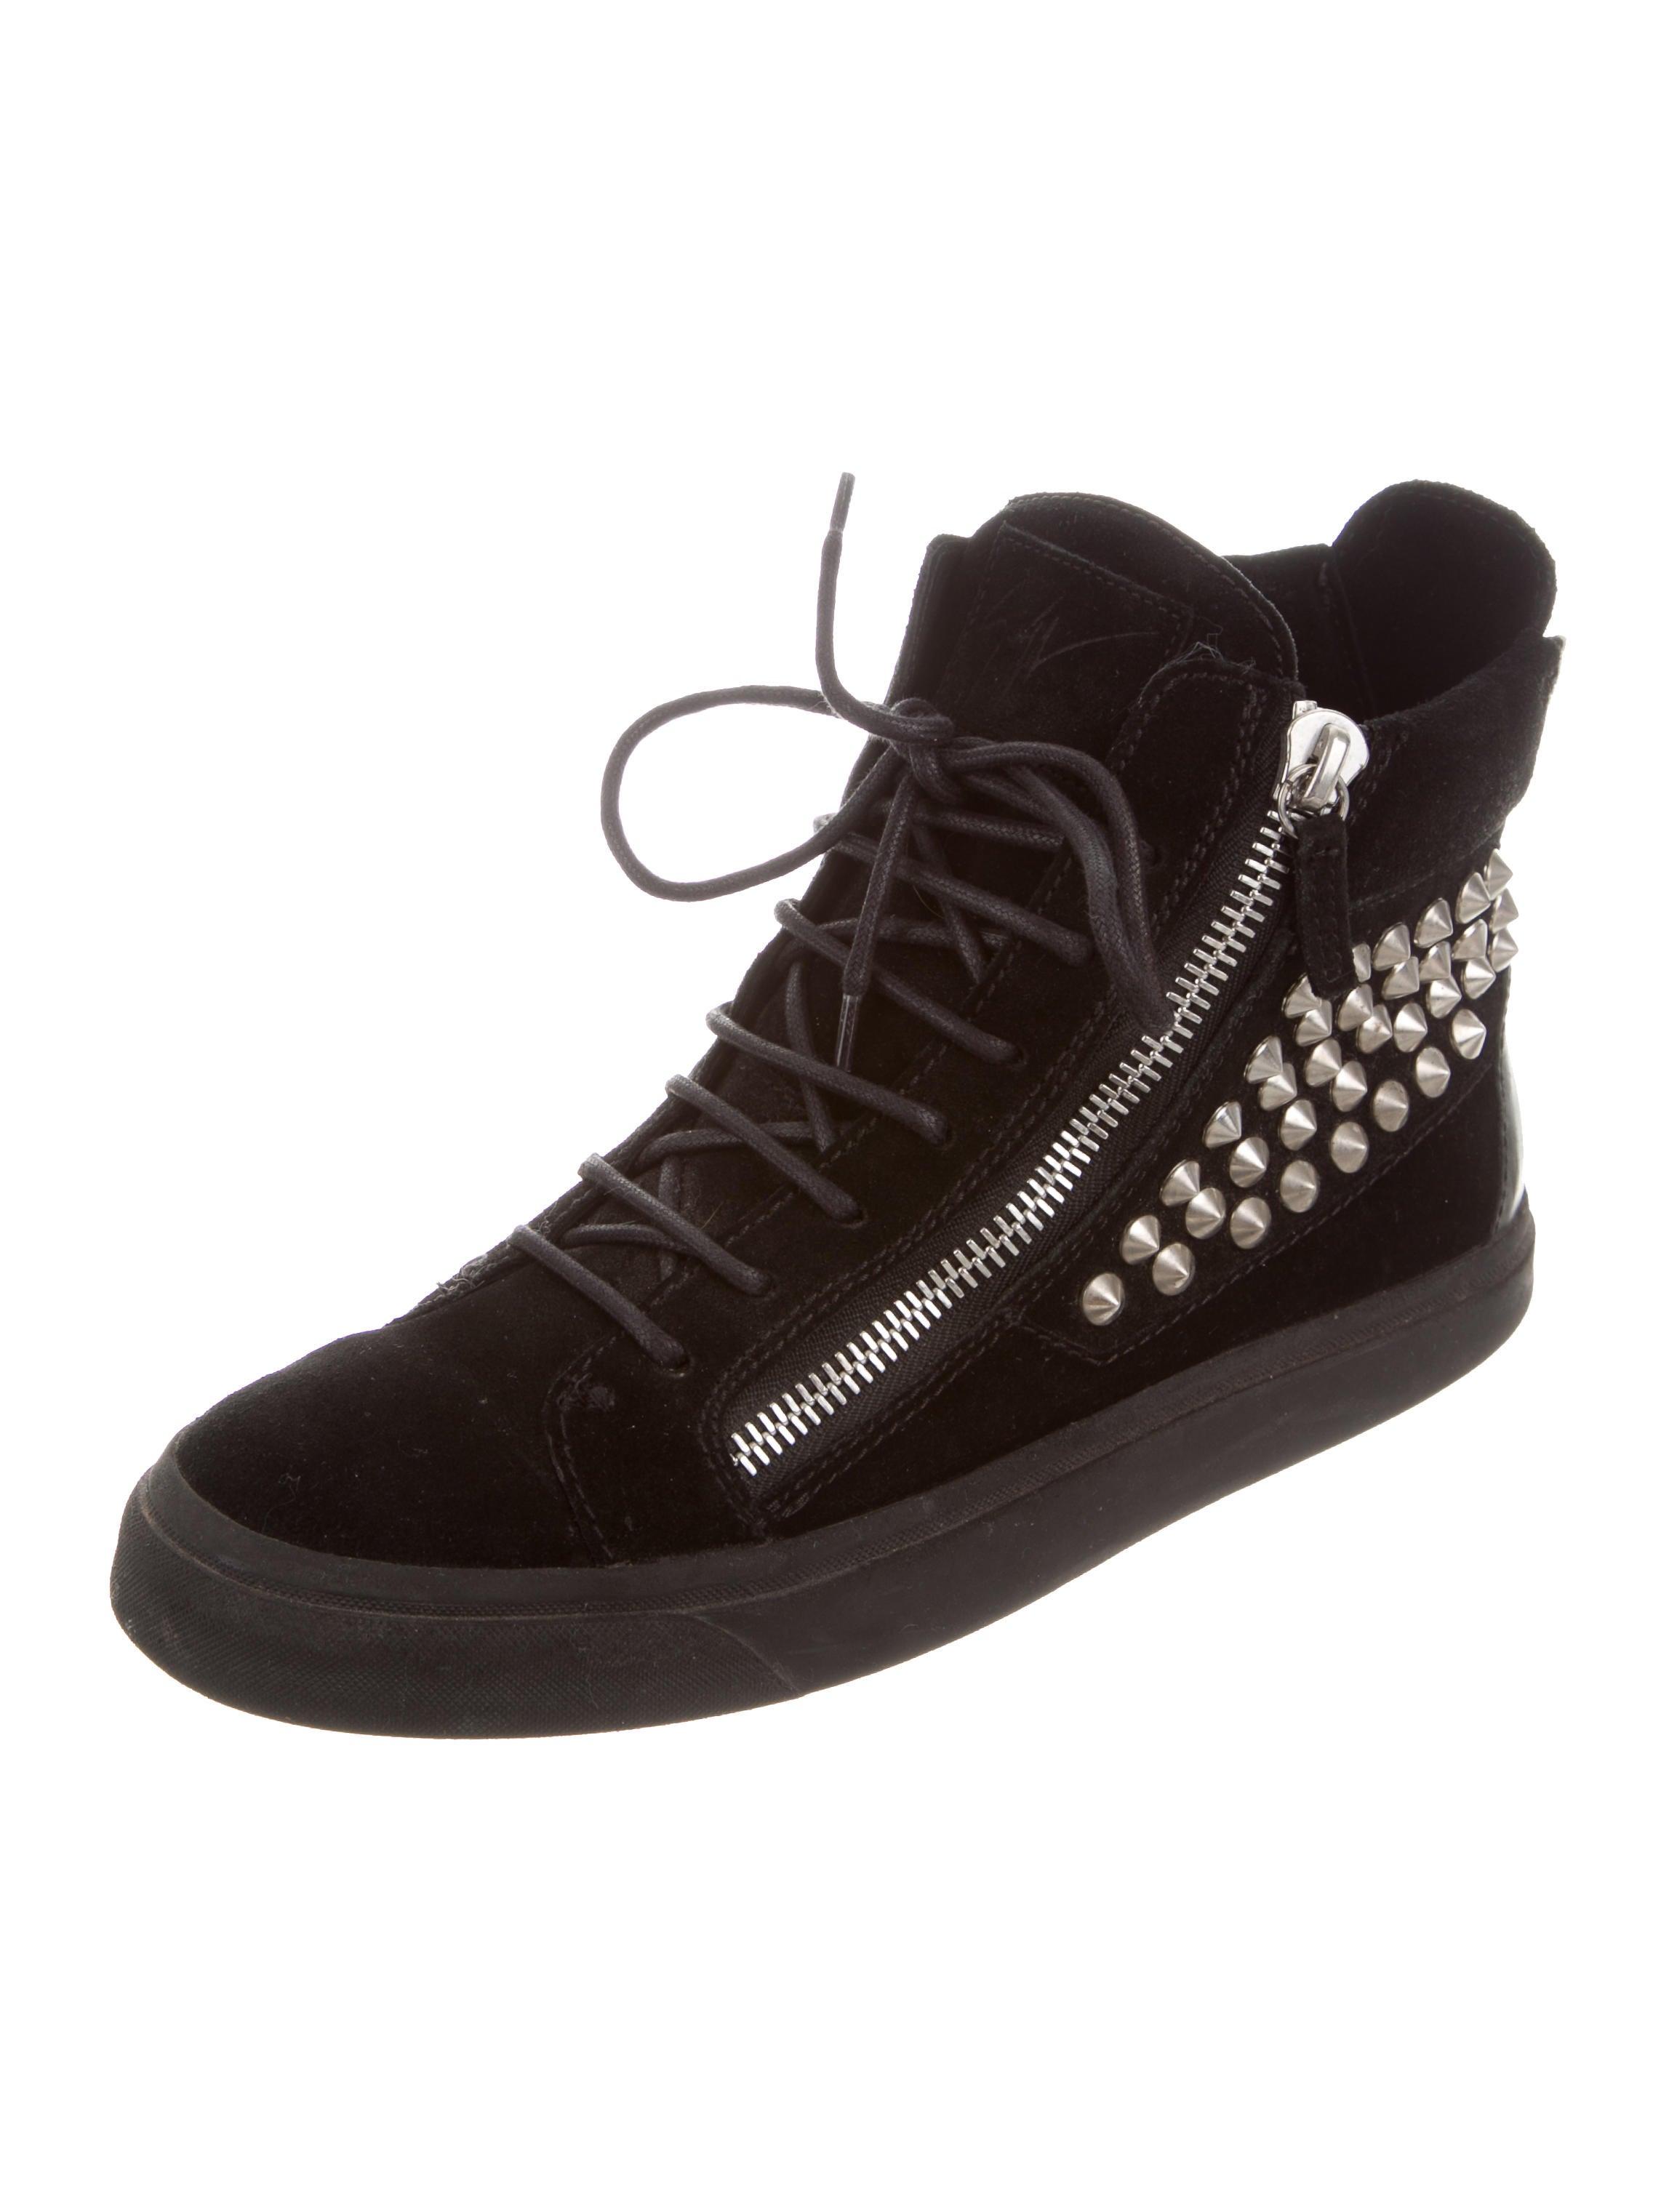 dfc103f06fea1 Giuseppe Zanotti For Sale Skidders Shoes | UAE CONSULATE